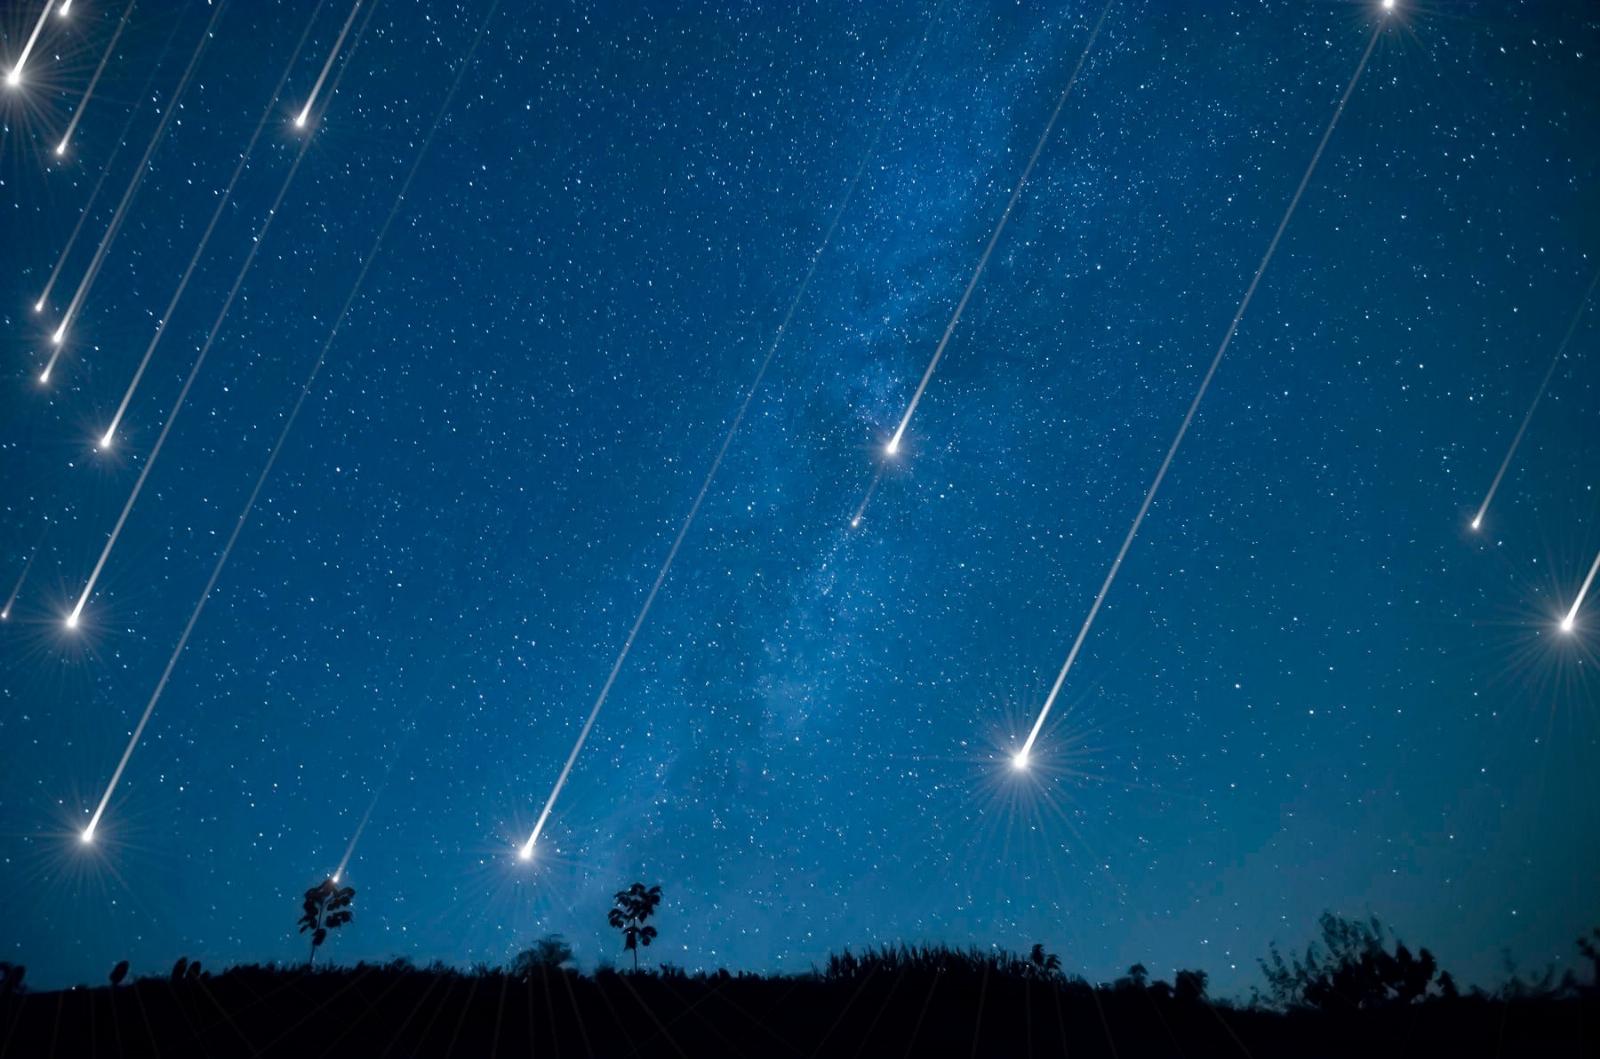 Россияне в новогодние каникулы смогут наблюдать звездопад